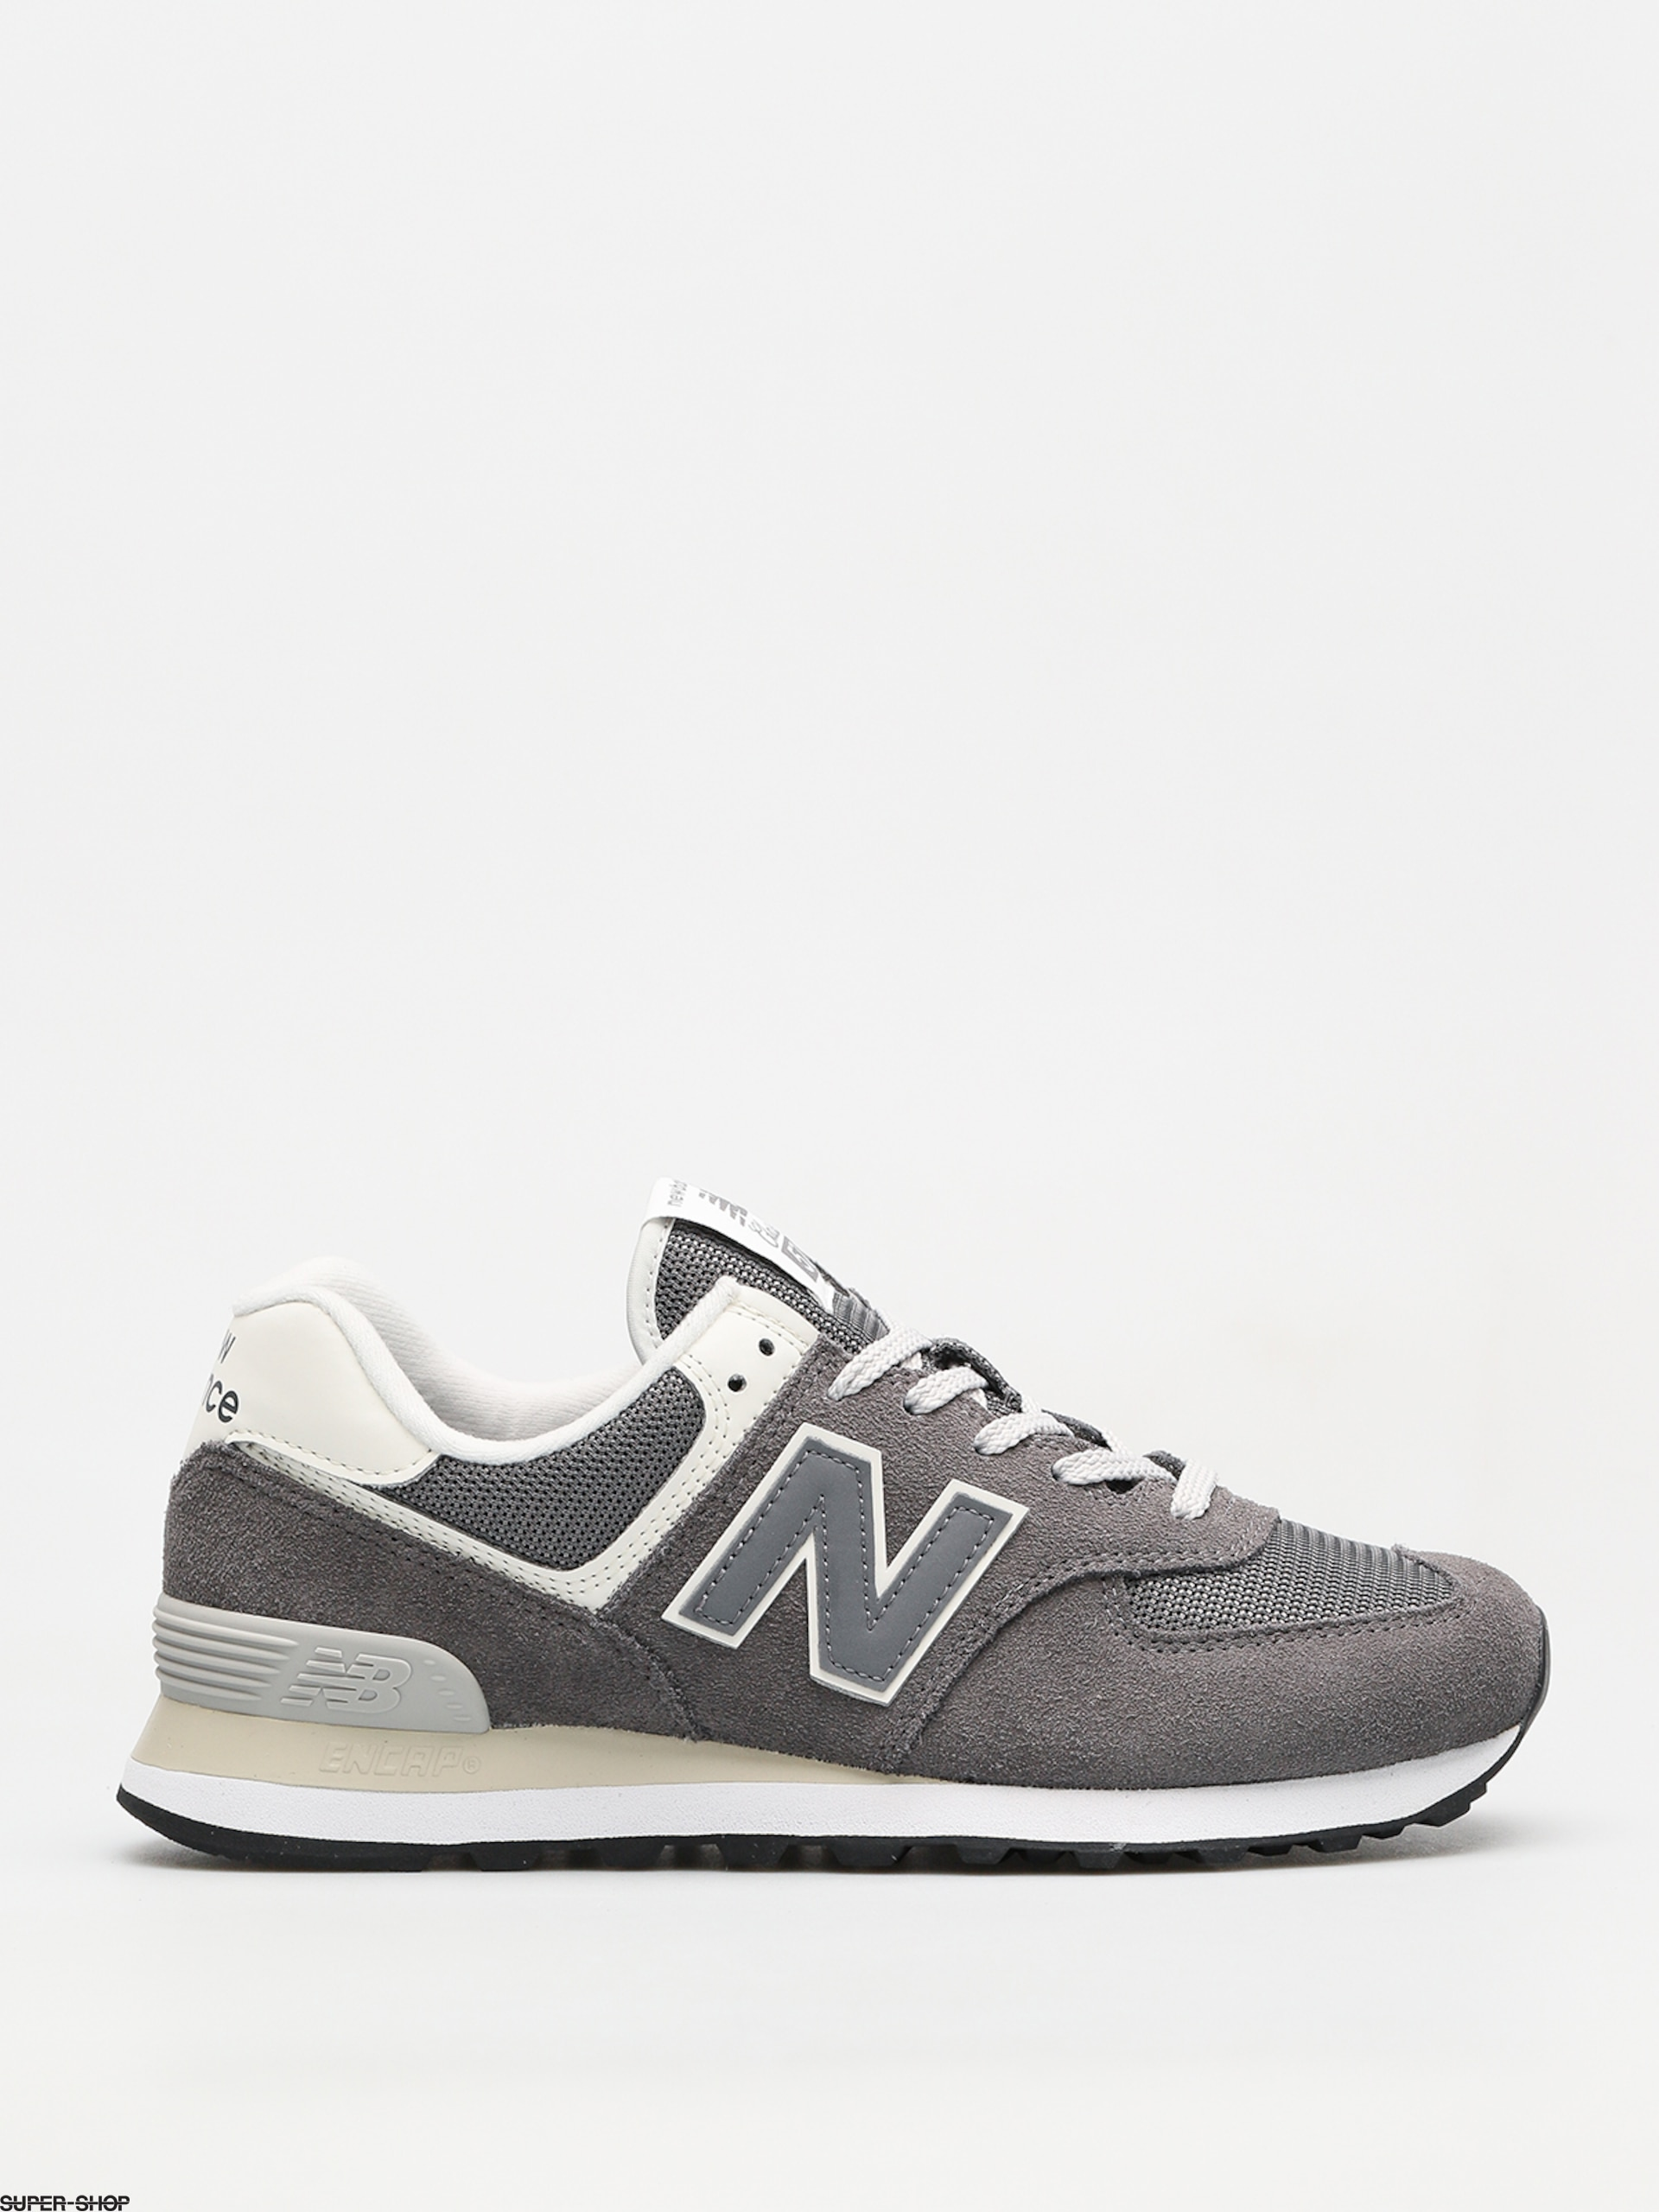 check out 19748 d19b9 New Balance Schuhe 574 Wmn (castlerock)